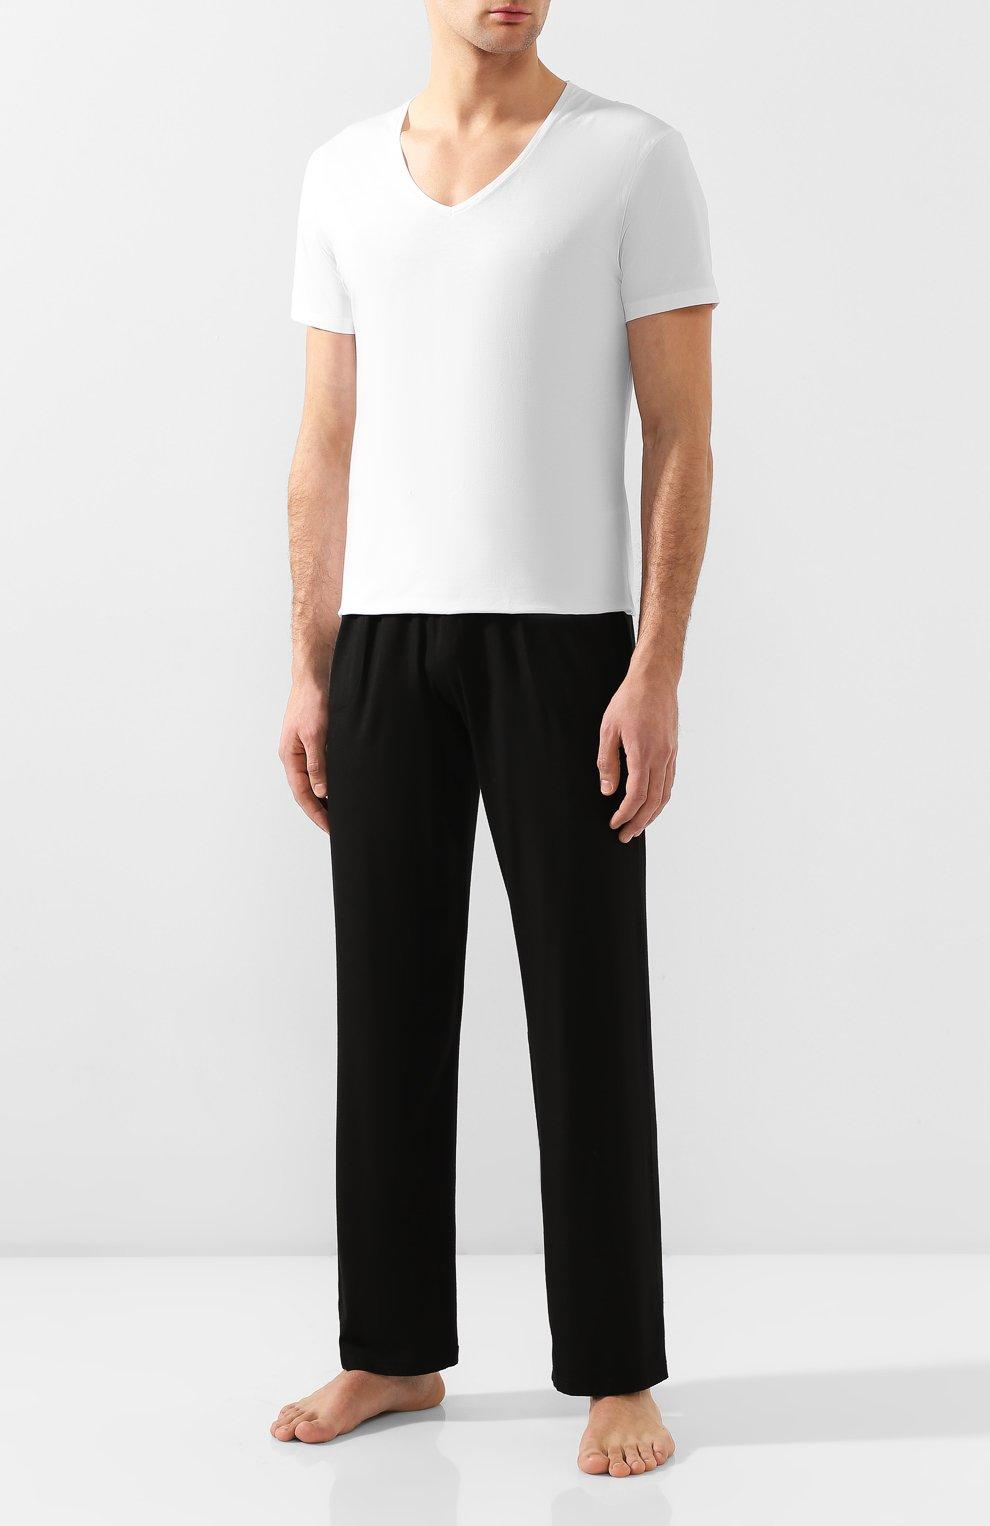 Мужская хлопковая футболка с v-образным вырезом DEREK ROSE белого цвета, арт. 8025-JACK001   Фото 2 (Кросс-КТ: домашняя одежда; Рукава: Короткие; Длина (для топов): Стандартные; Материал внешний: Хлопок; Мужское Кросс-КТ: Футболка-белье)